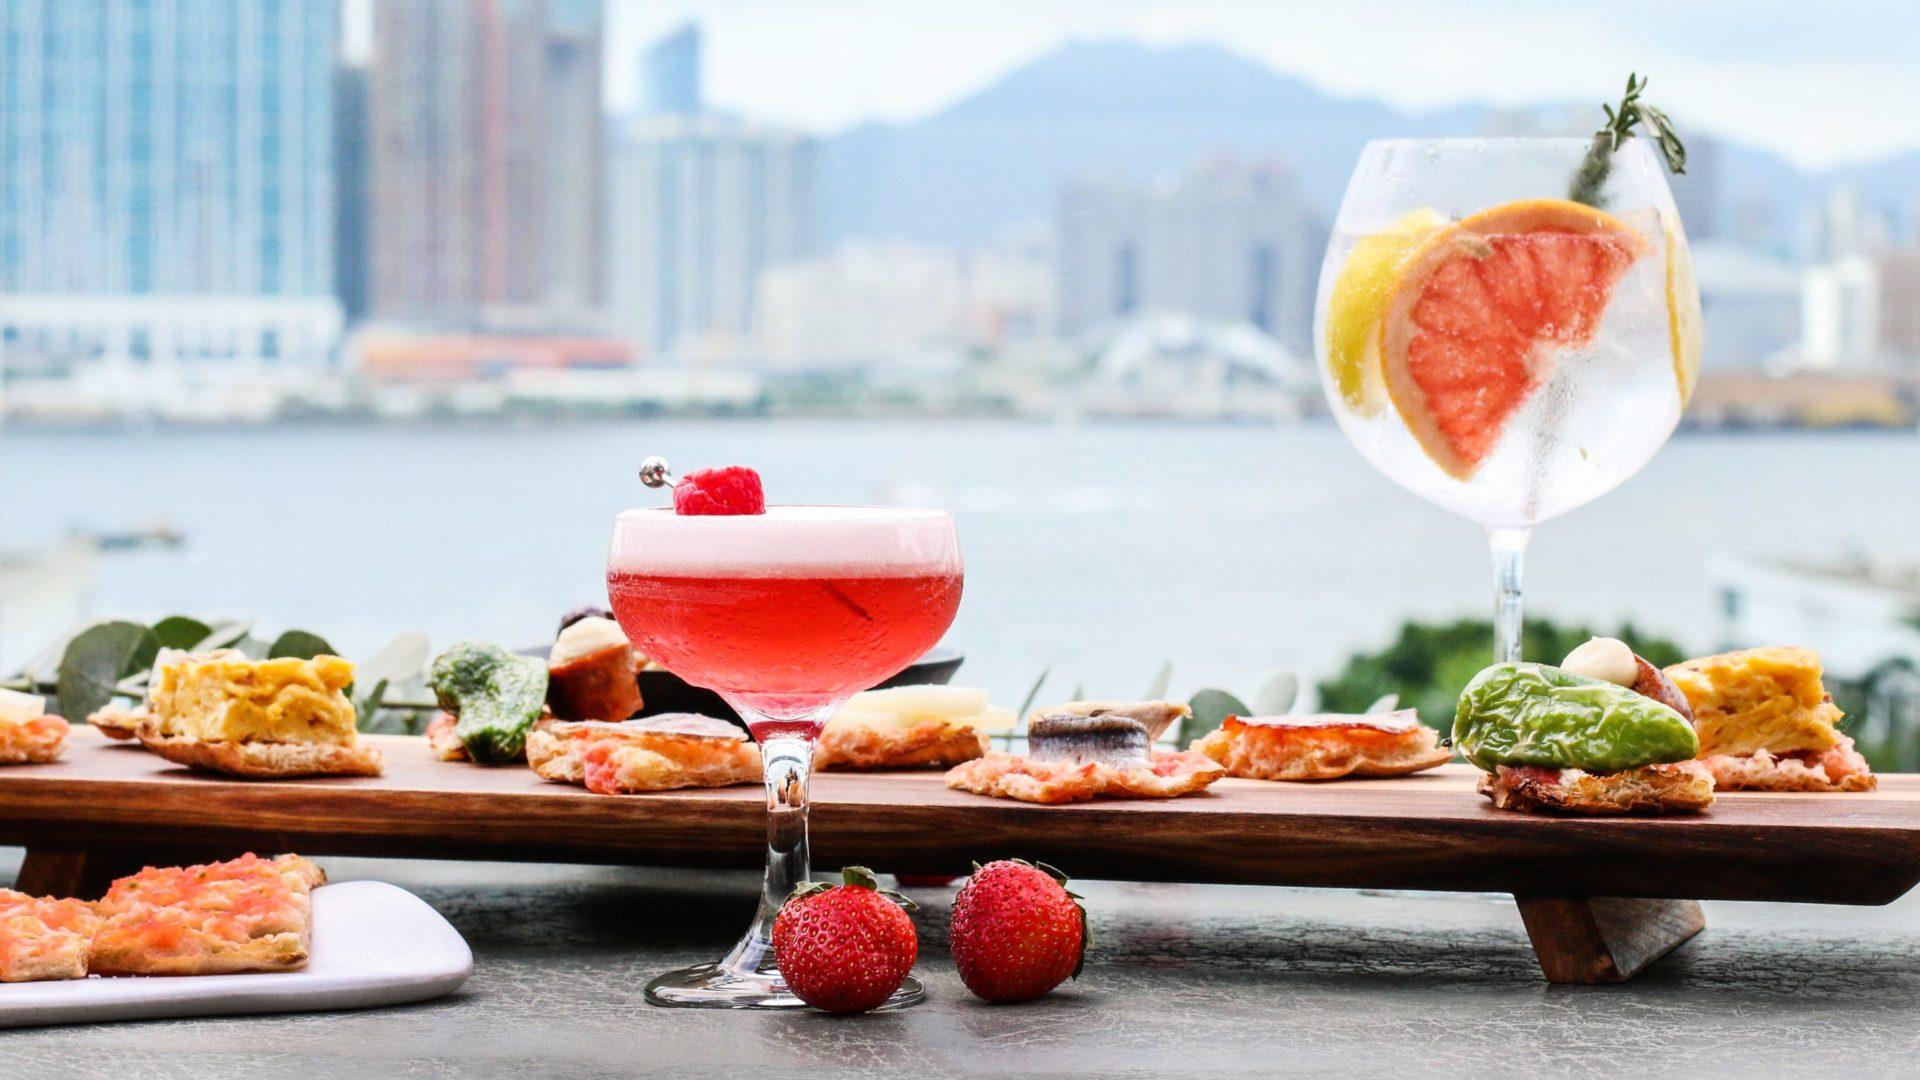 Where to drink in Hong Kong - La Rambla